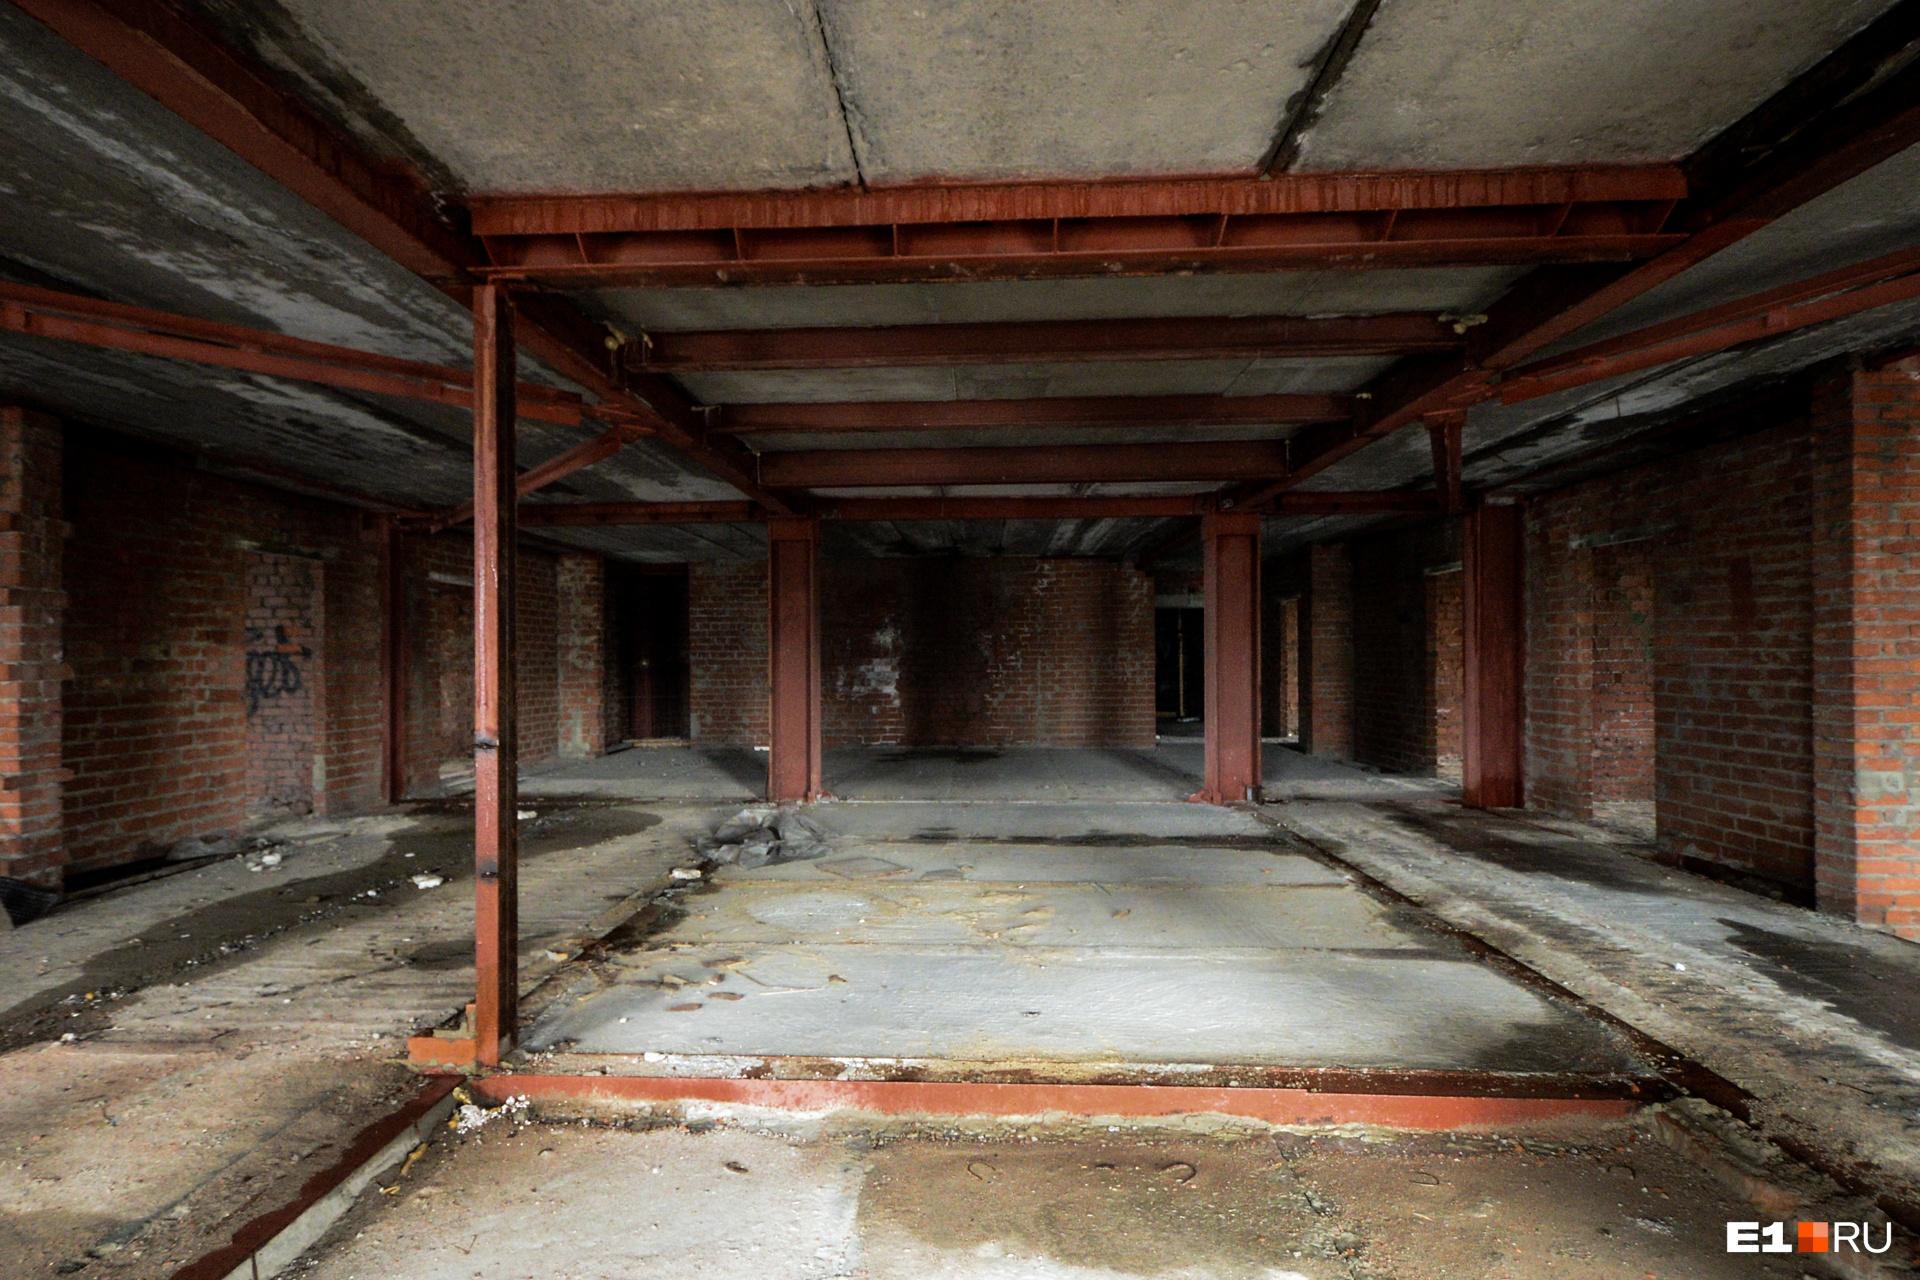 Еще один этаж — даже сложно вспомнить какой, так они похожи